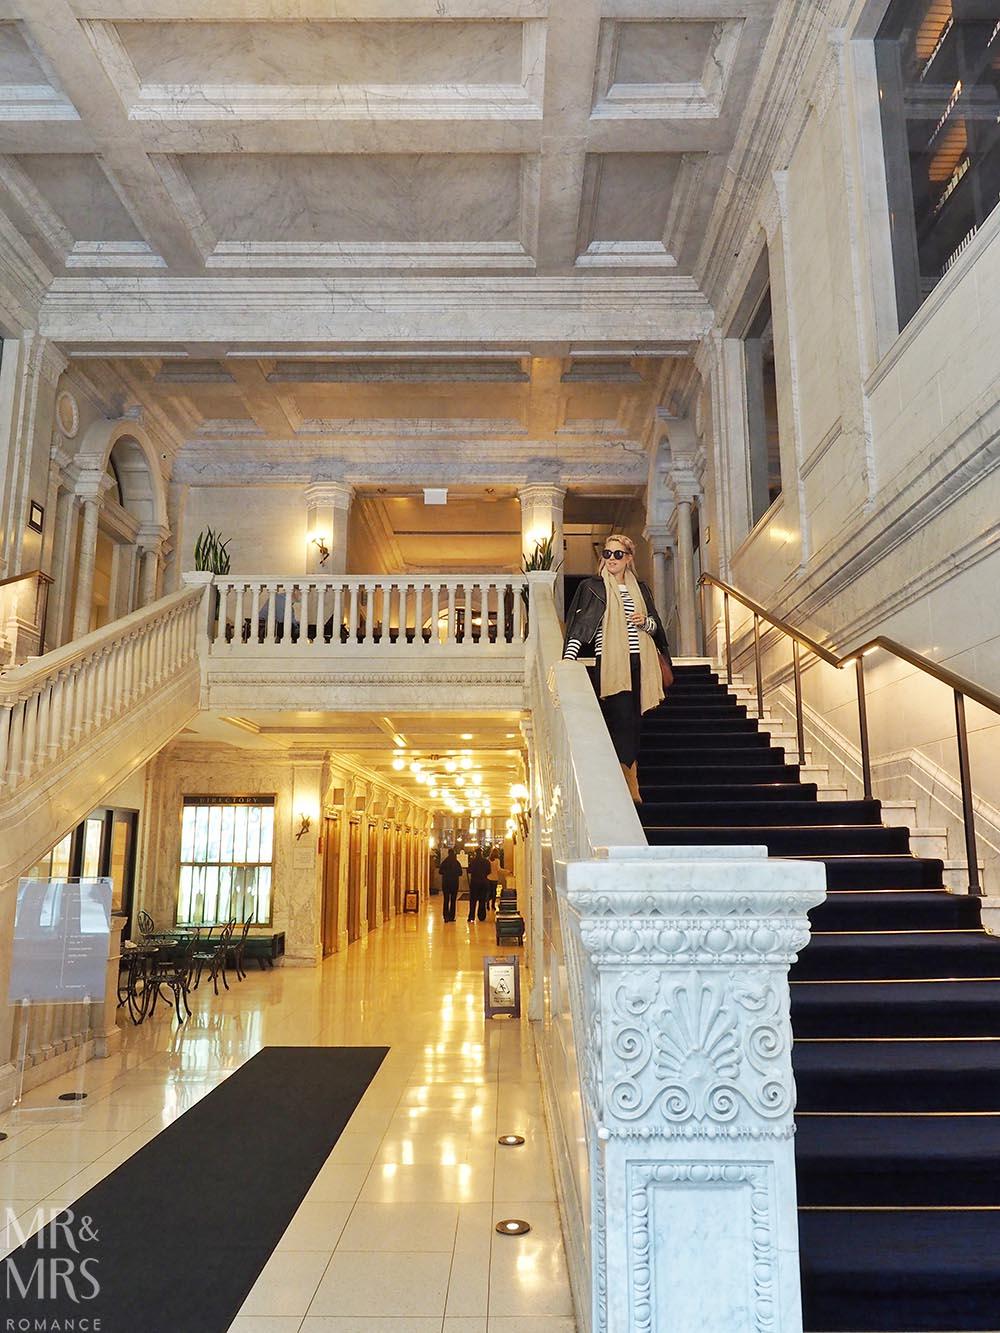 Kimpton Hotel The Gray, Chicago, IL